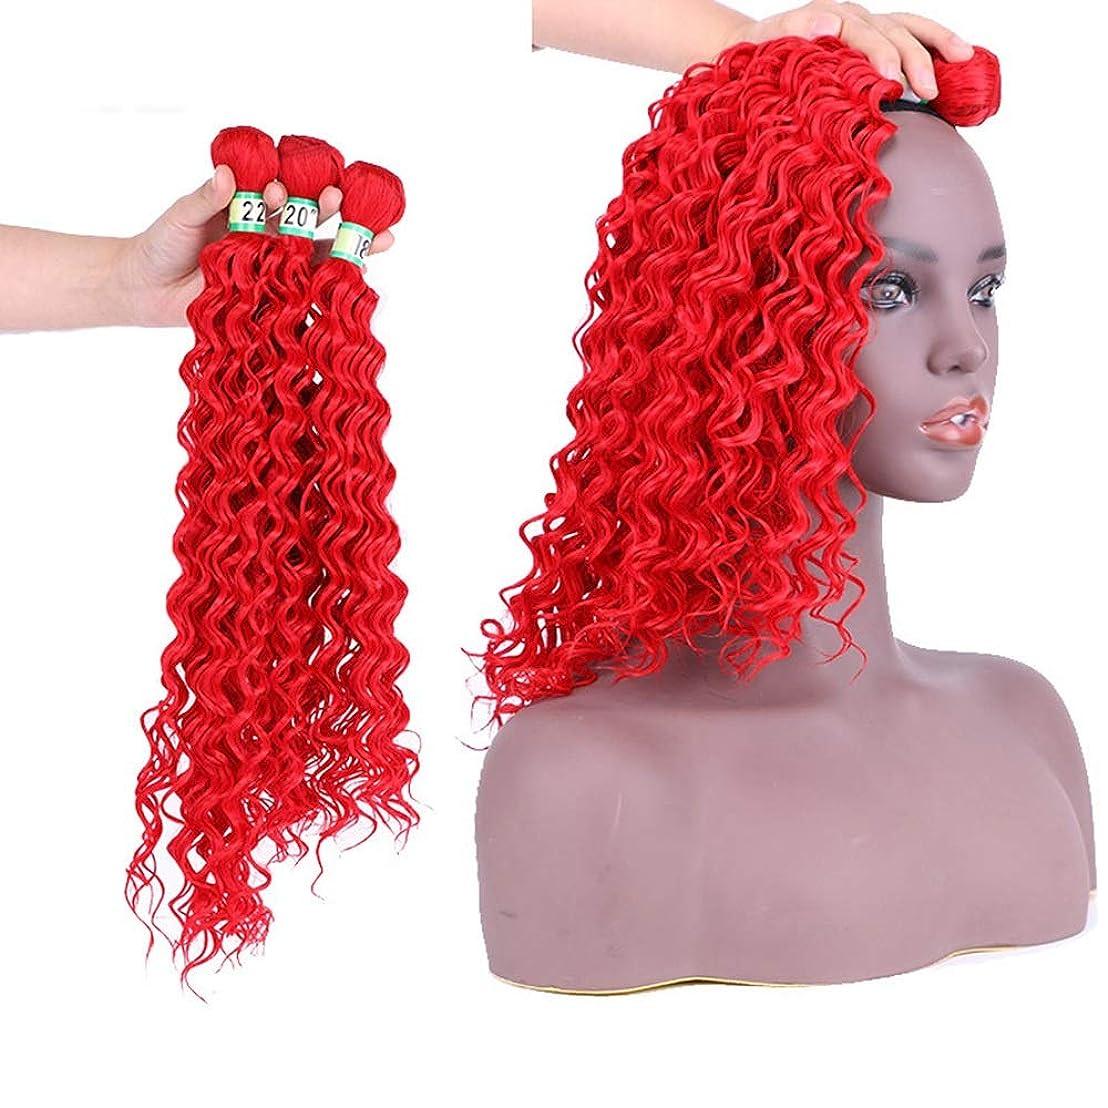 祭りマニフェスト叫び声YAHONGOE 女性用合成髪織りバンドル - 赤い実体波ヘアエクステンション混合長(16 18 20)合成髪レースかつらロールプレイングウィッグロングとショート女性自然 (色 : レッド, サイズ : 20